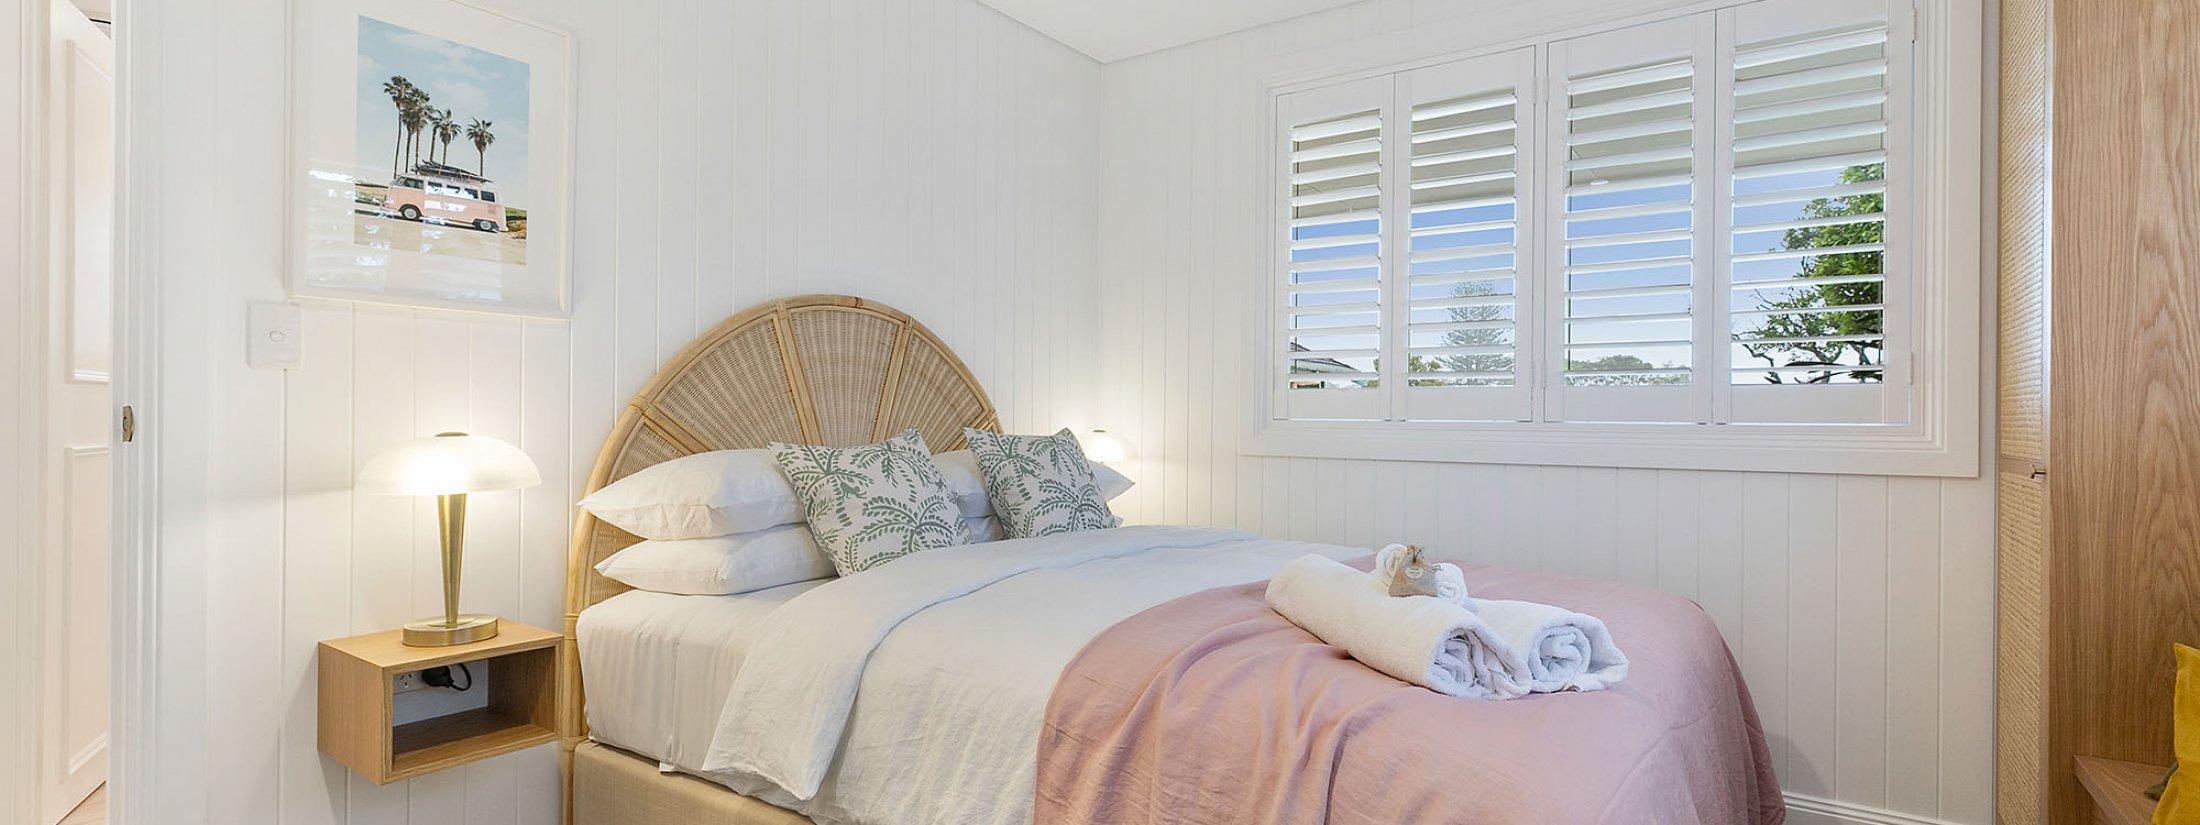 Sunset Beach - Summer Breeze - Brunswick Heads - Queen Bedroom 2